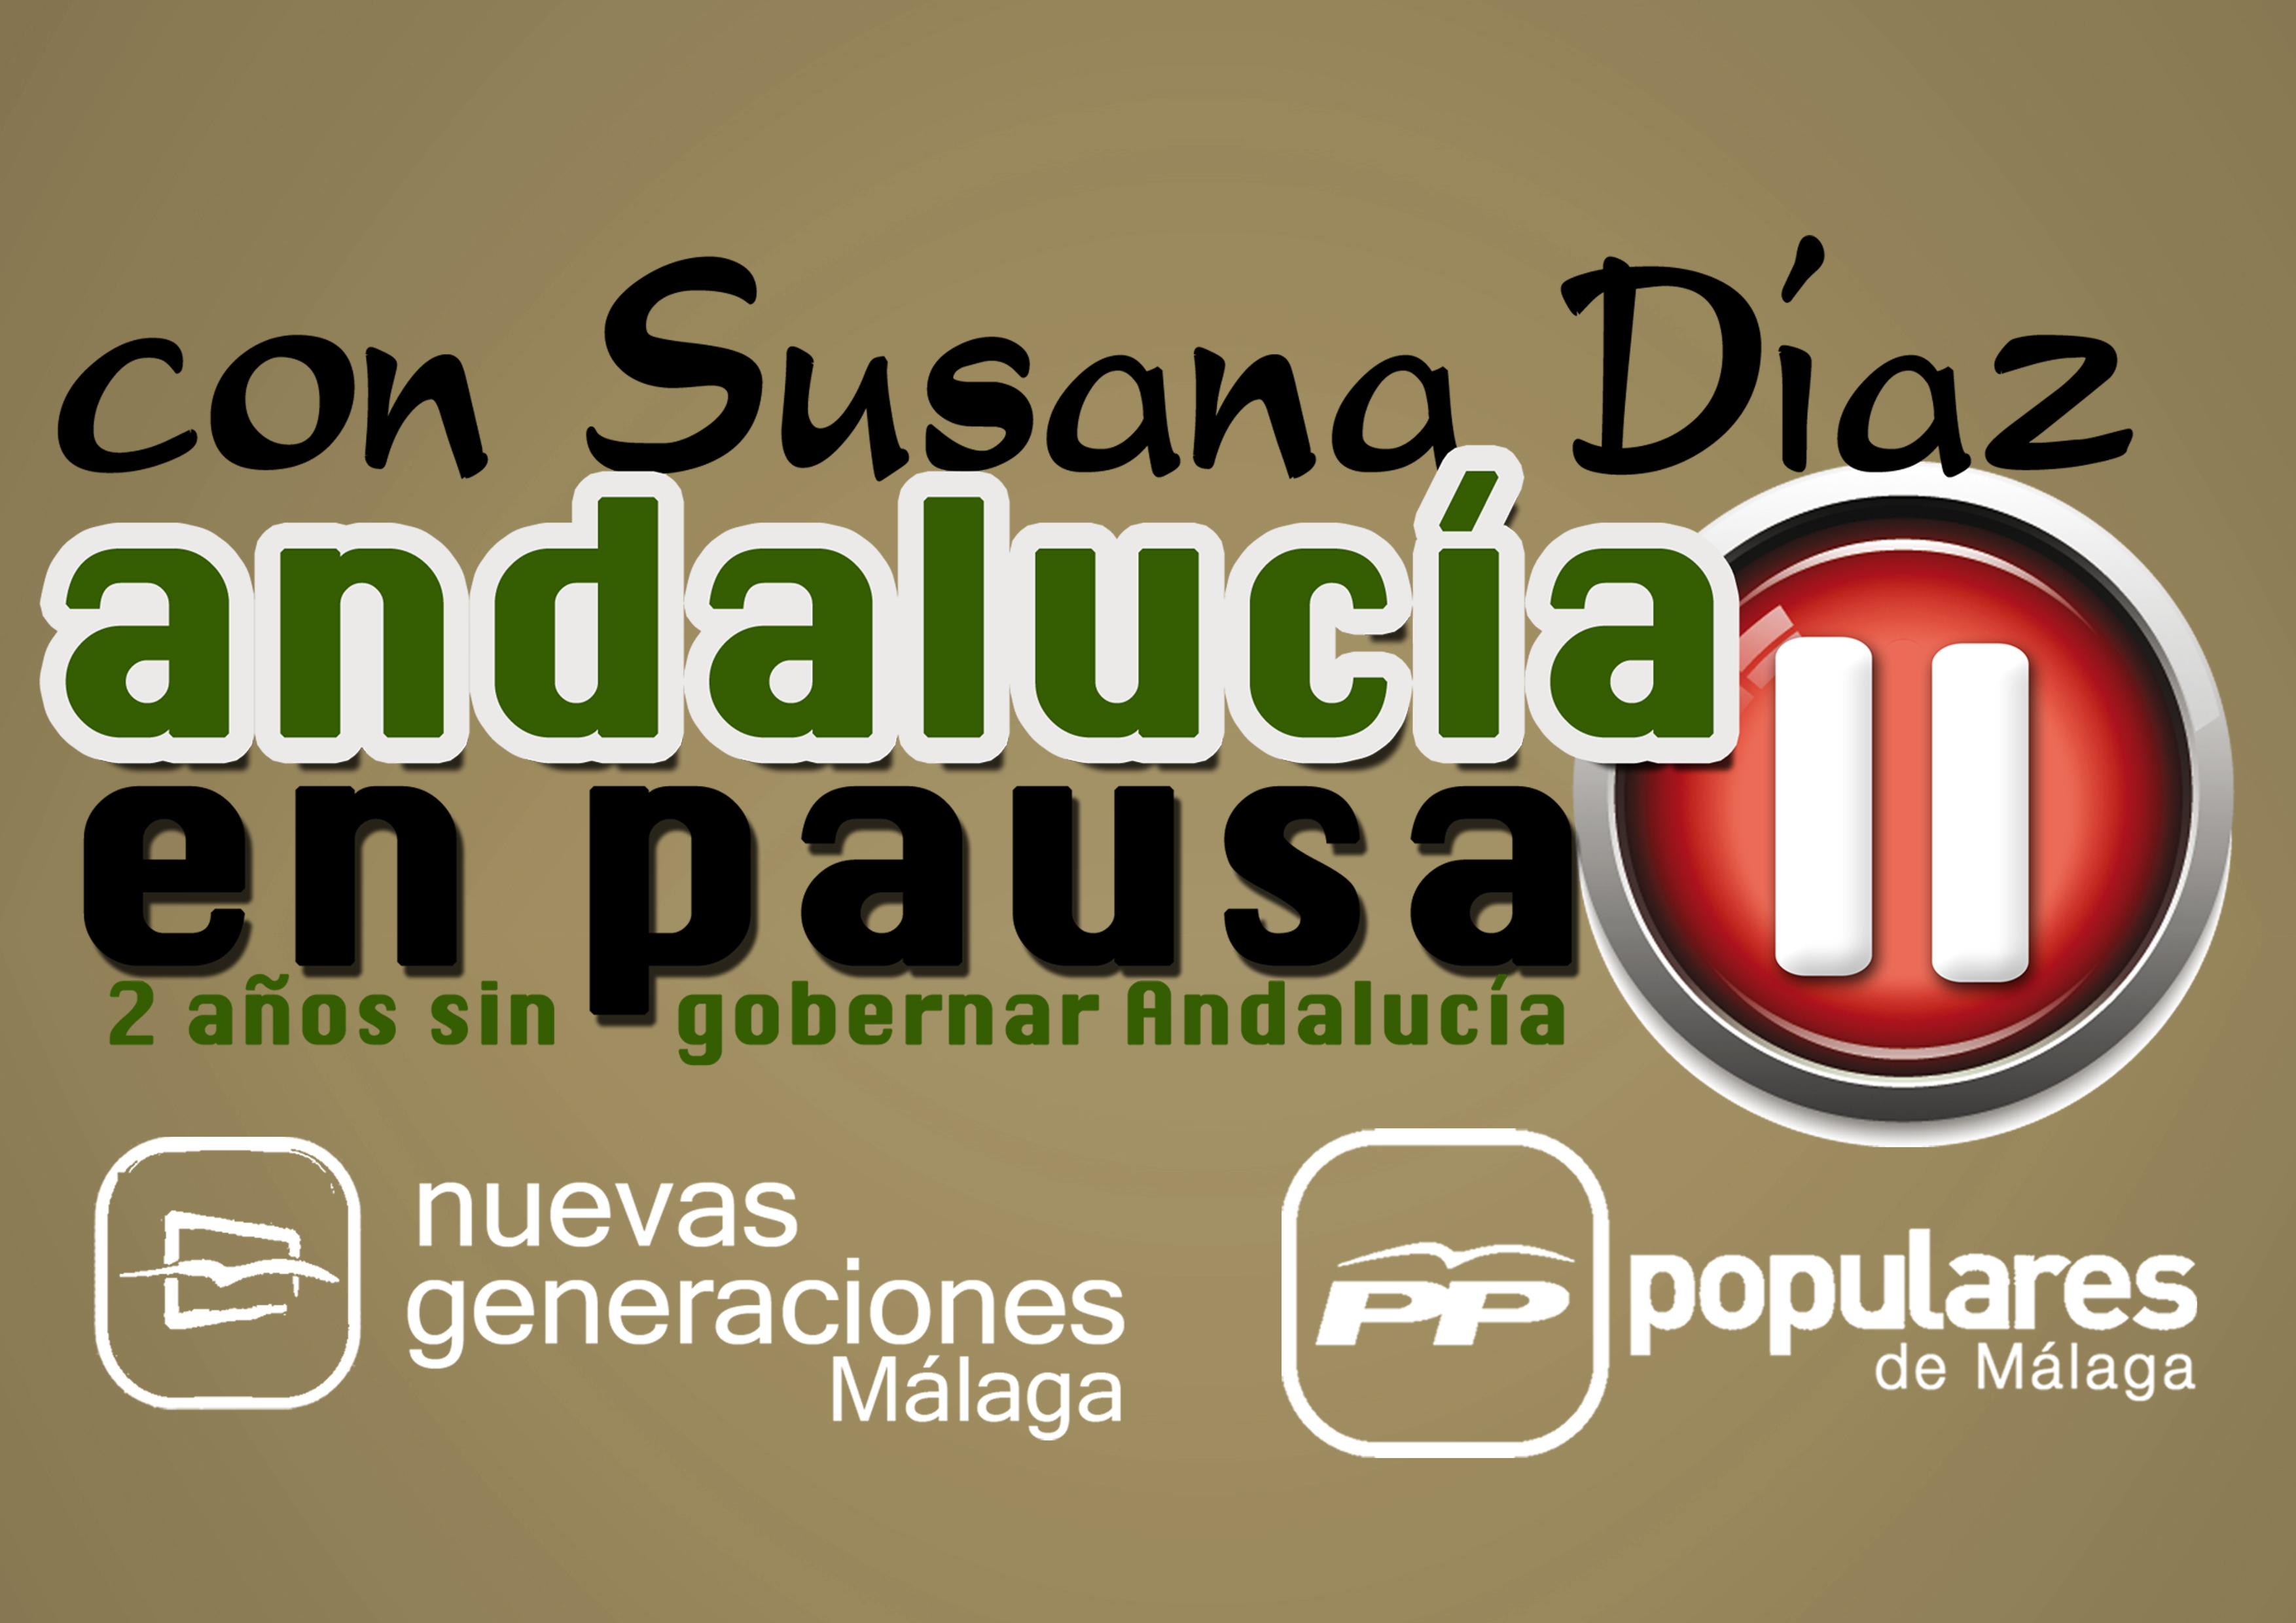 campaña pausa 1